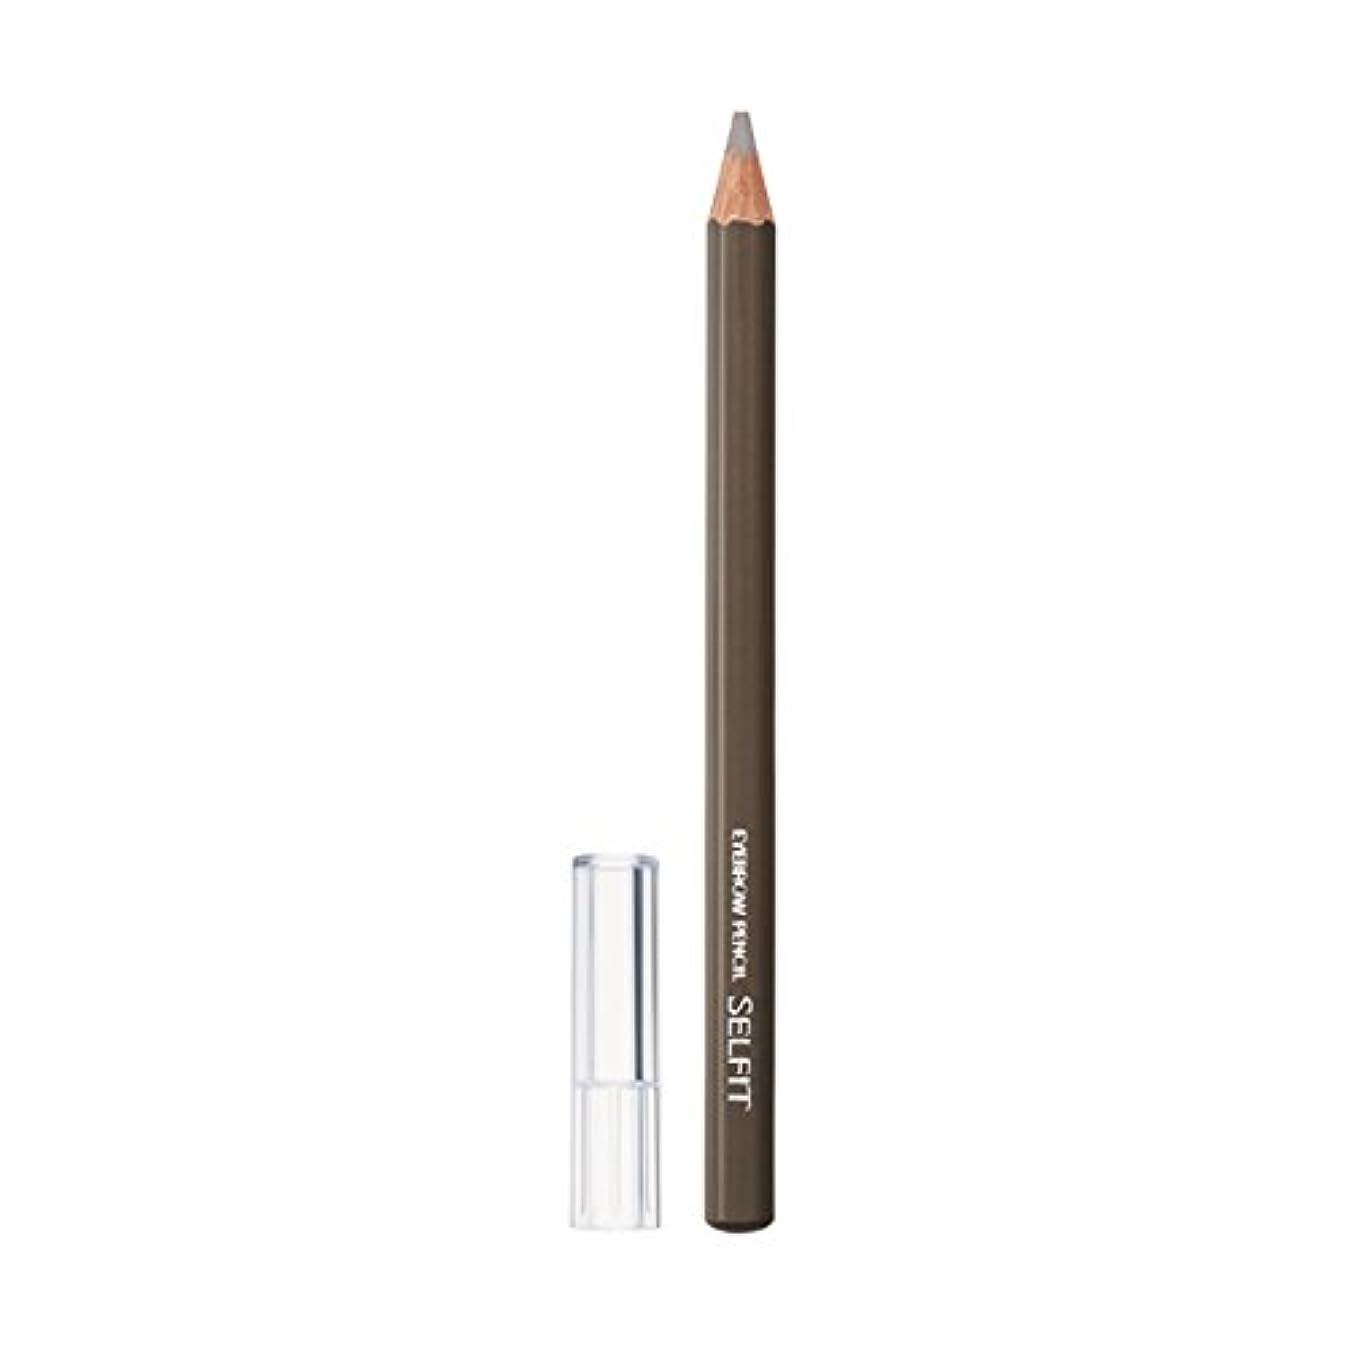 セルフィット アイブローペンシル ライトグレー 1.4g